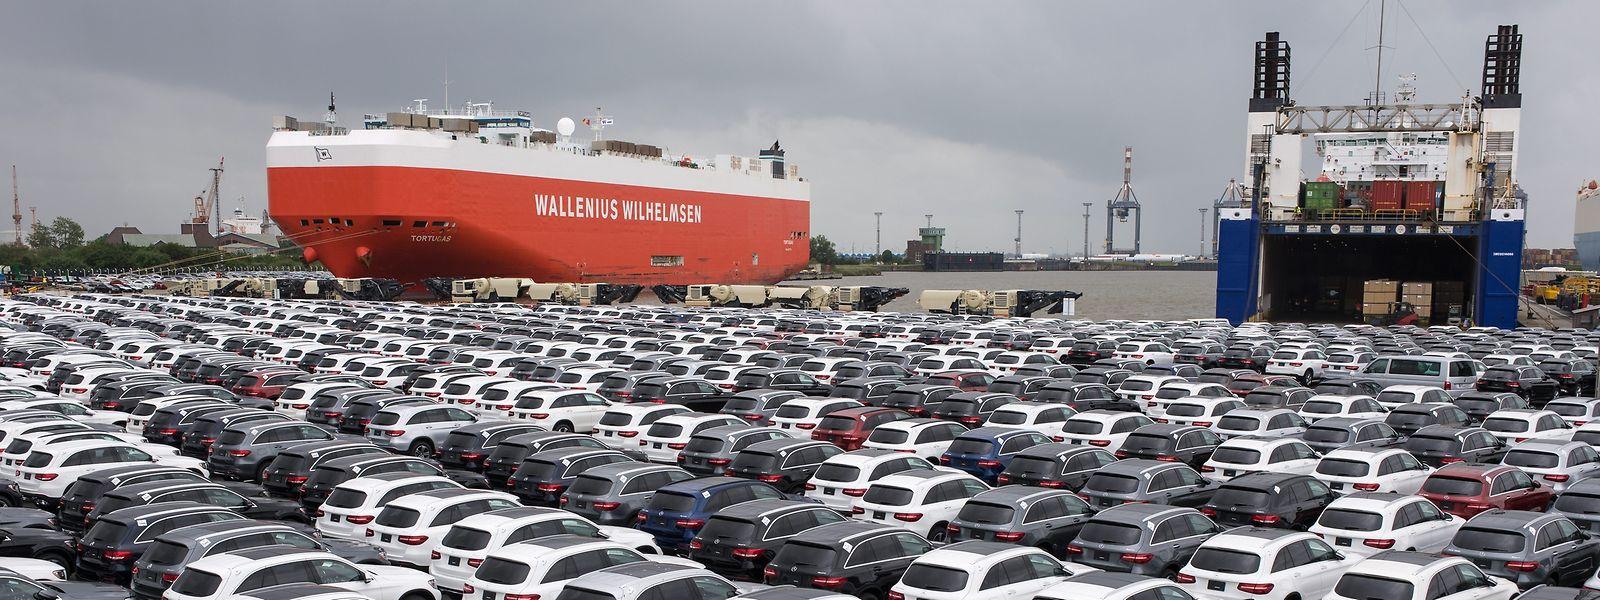 Für viele europäische Branchen, zum Beispiel die Autoindustrie, ist China der wichtigste Absatzmarkt.